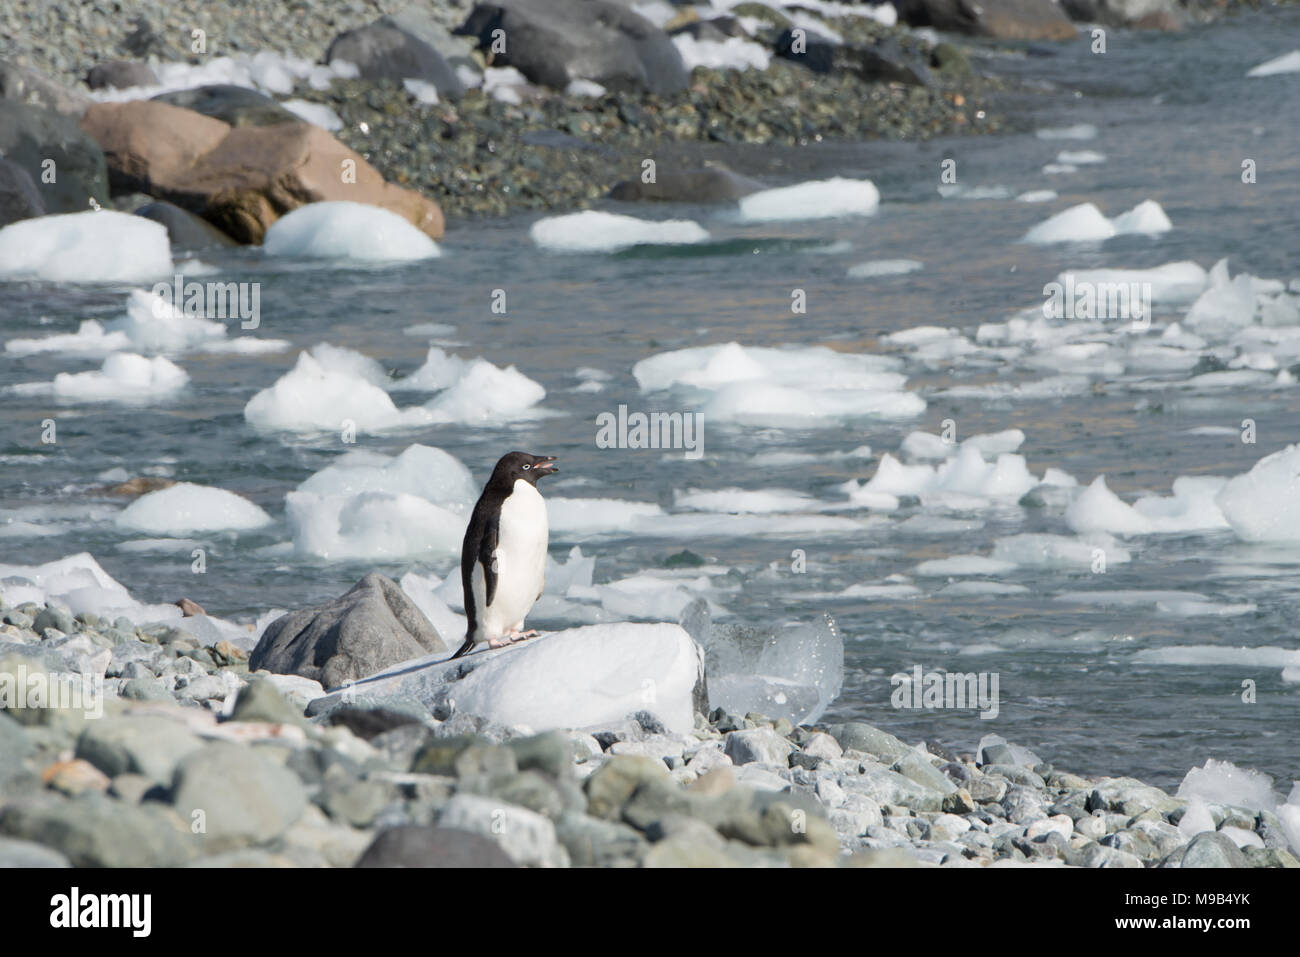 Un pingüino Adelia (Pygoscelis adeliae) de pie sobre una costa rocosa en la Antártida Imagen De Stock